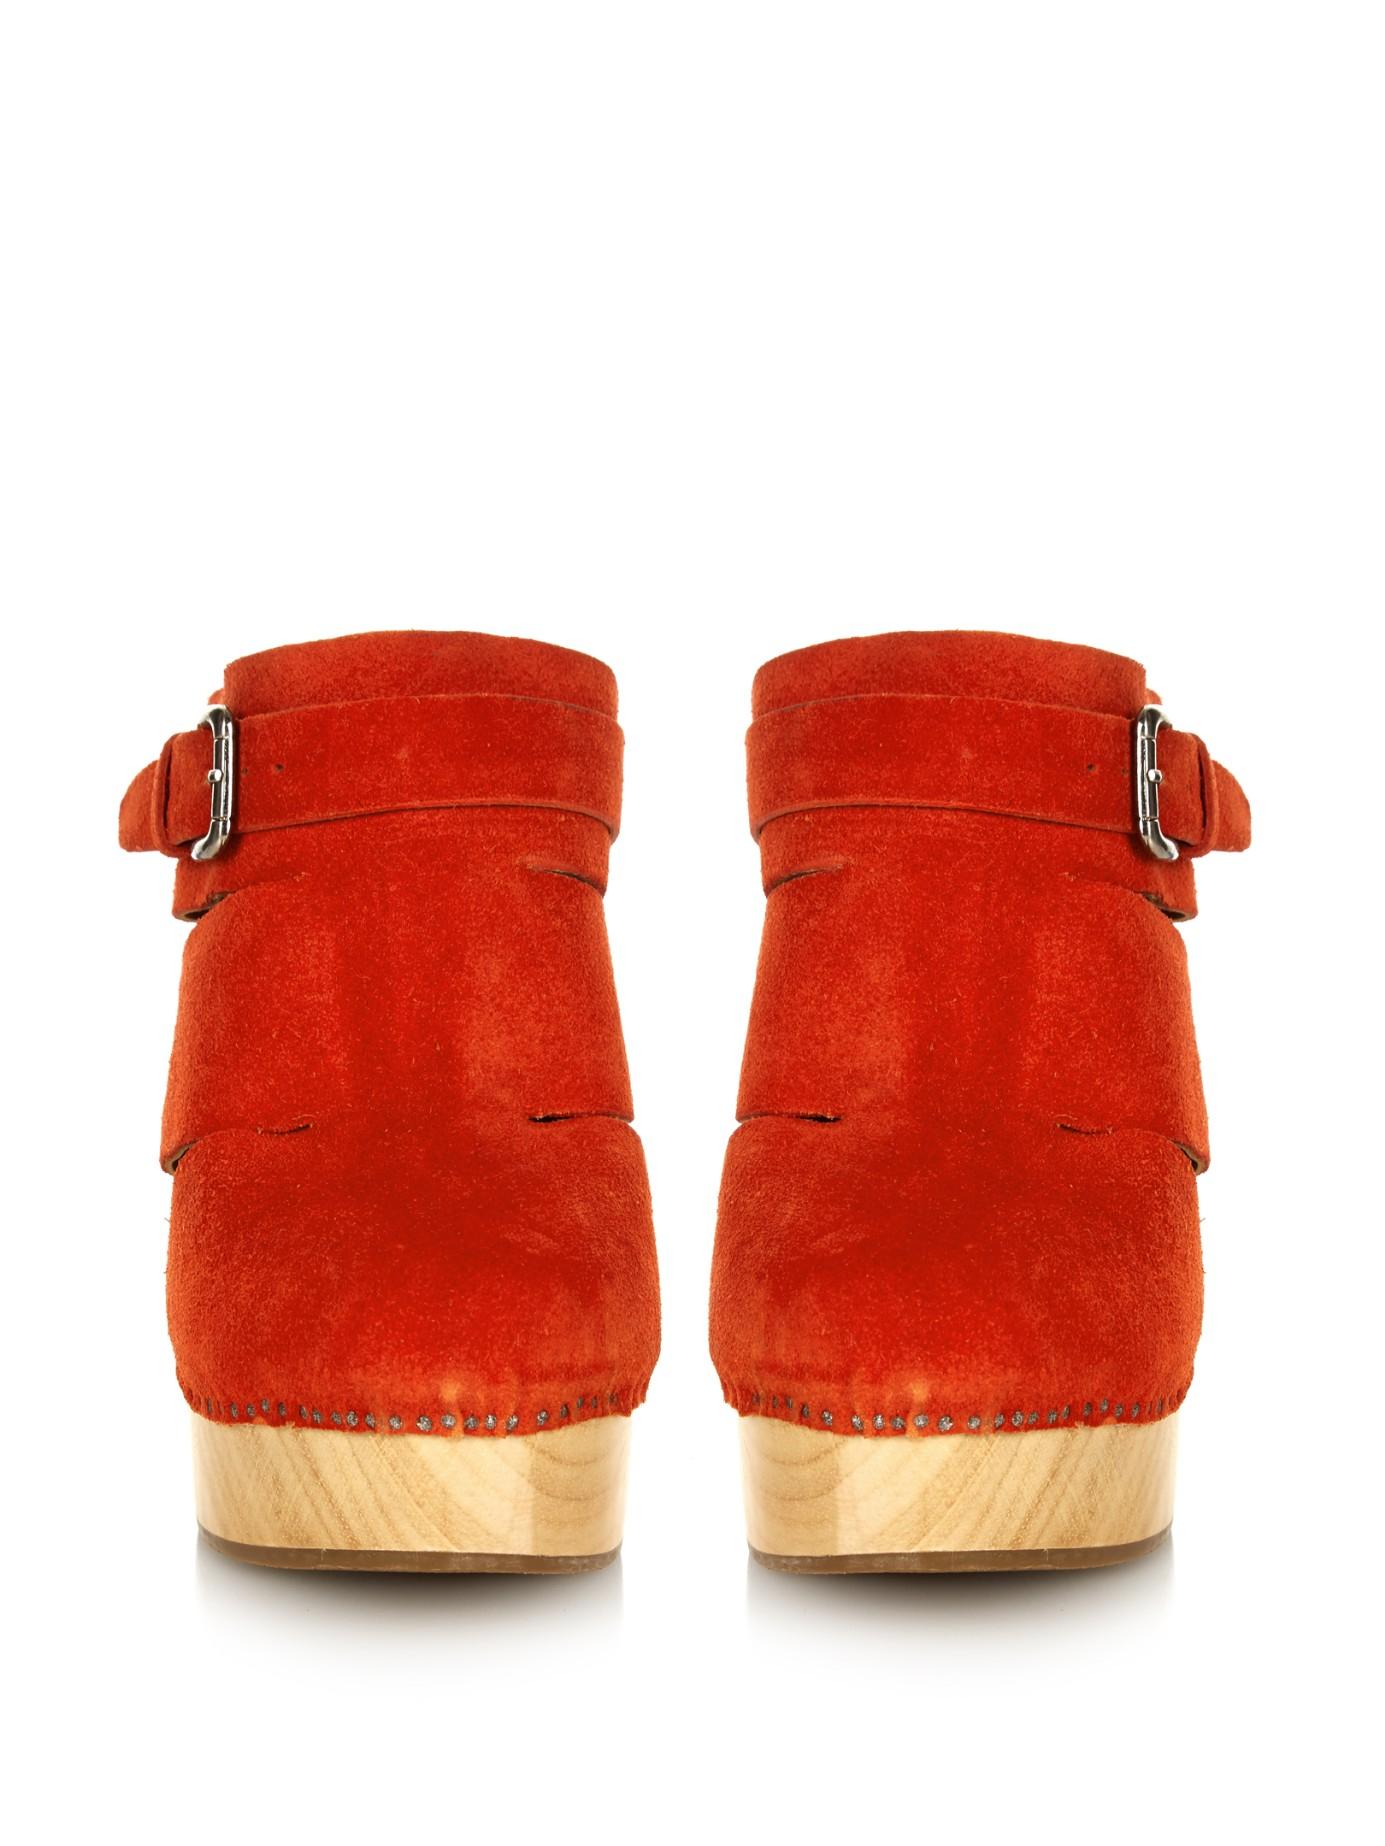 37058fbb21e Lyst - Rachel Comey Fiero Suede Clogs in Orange